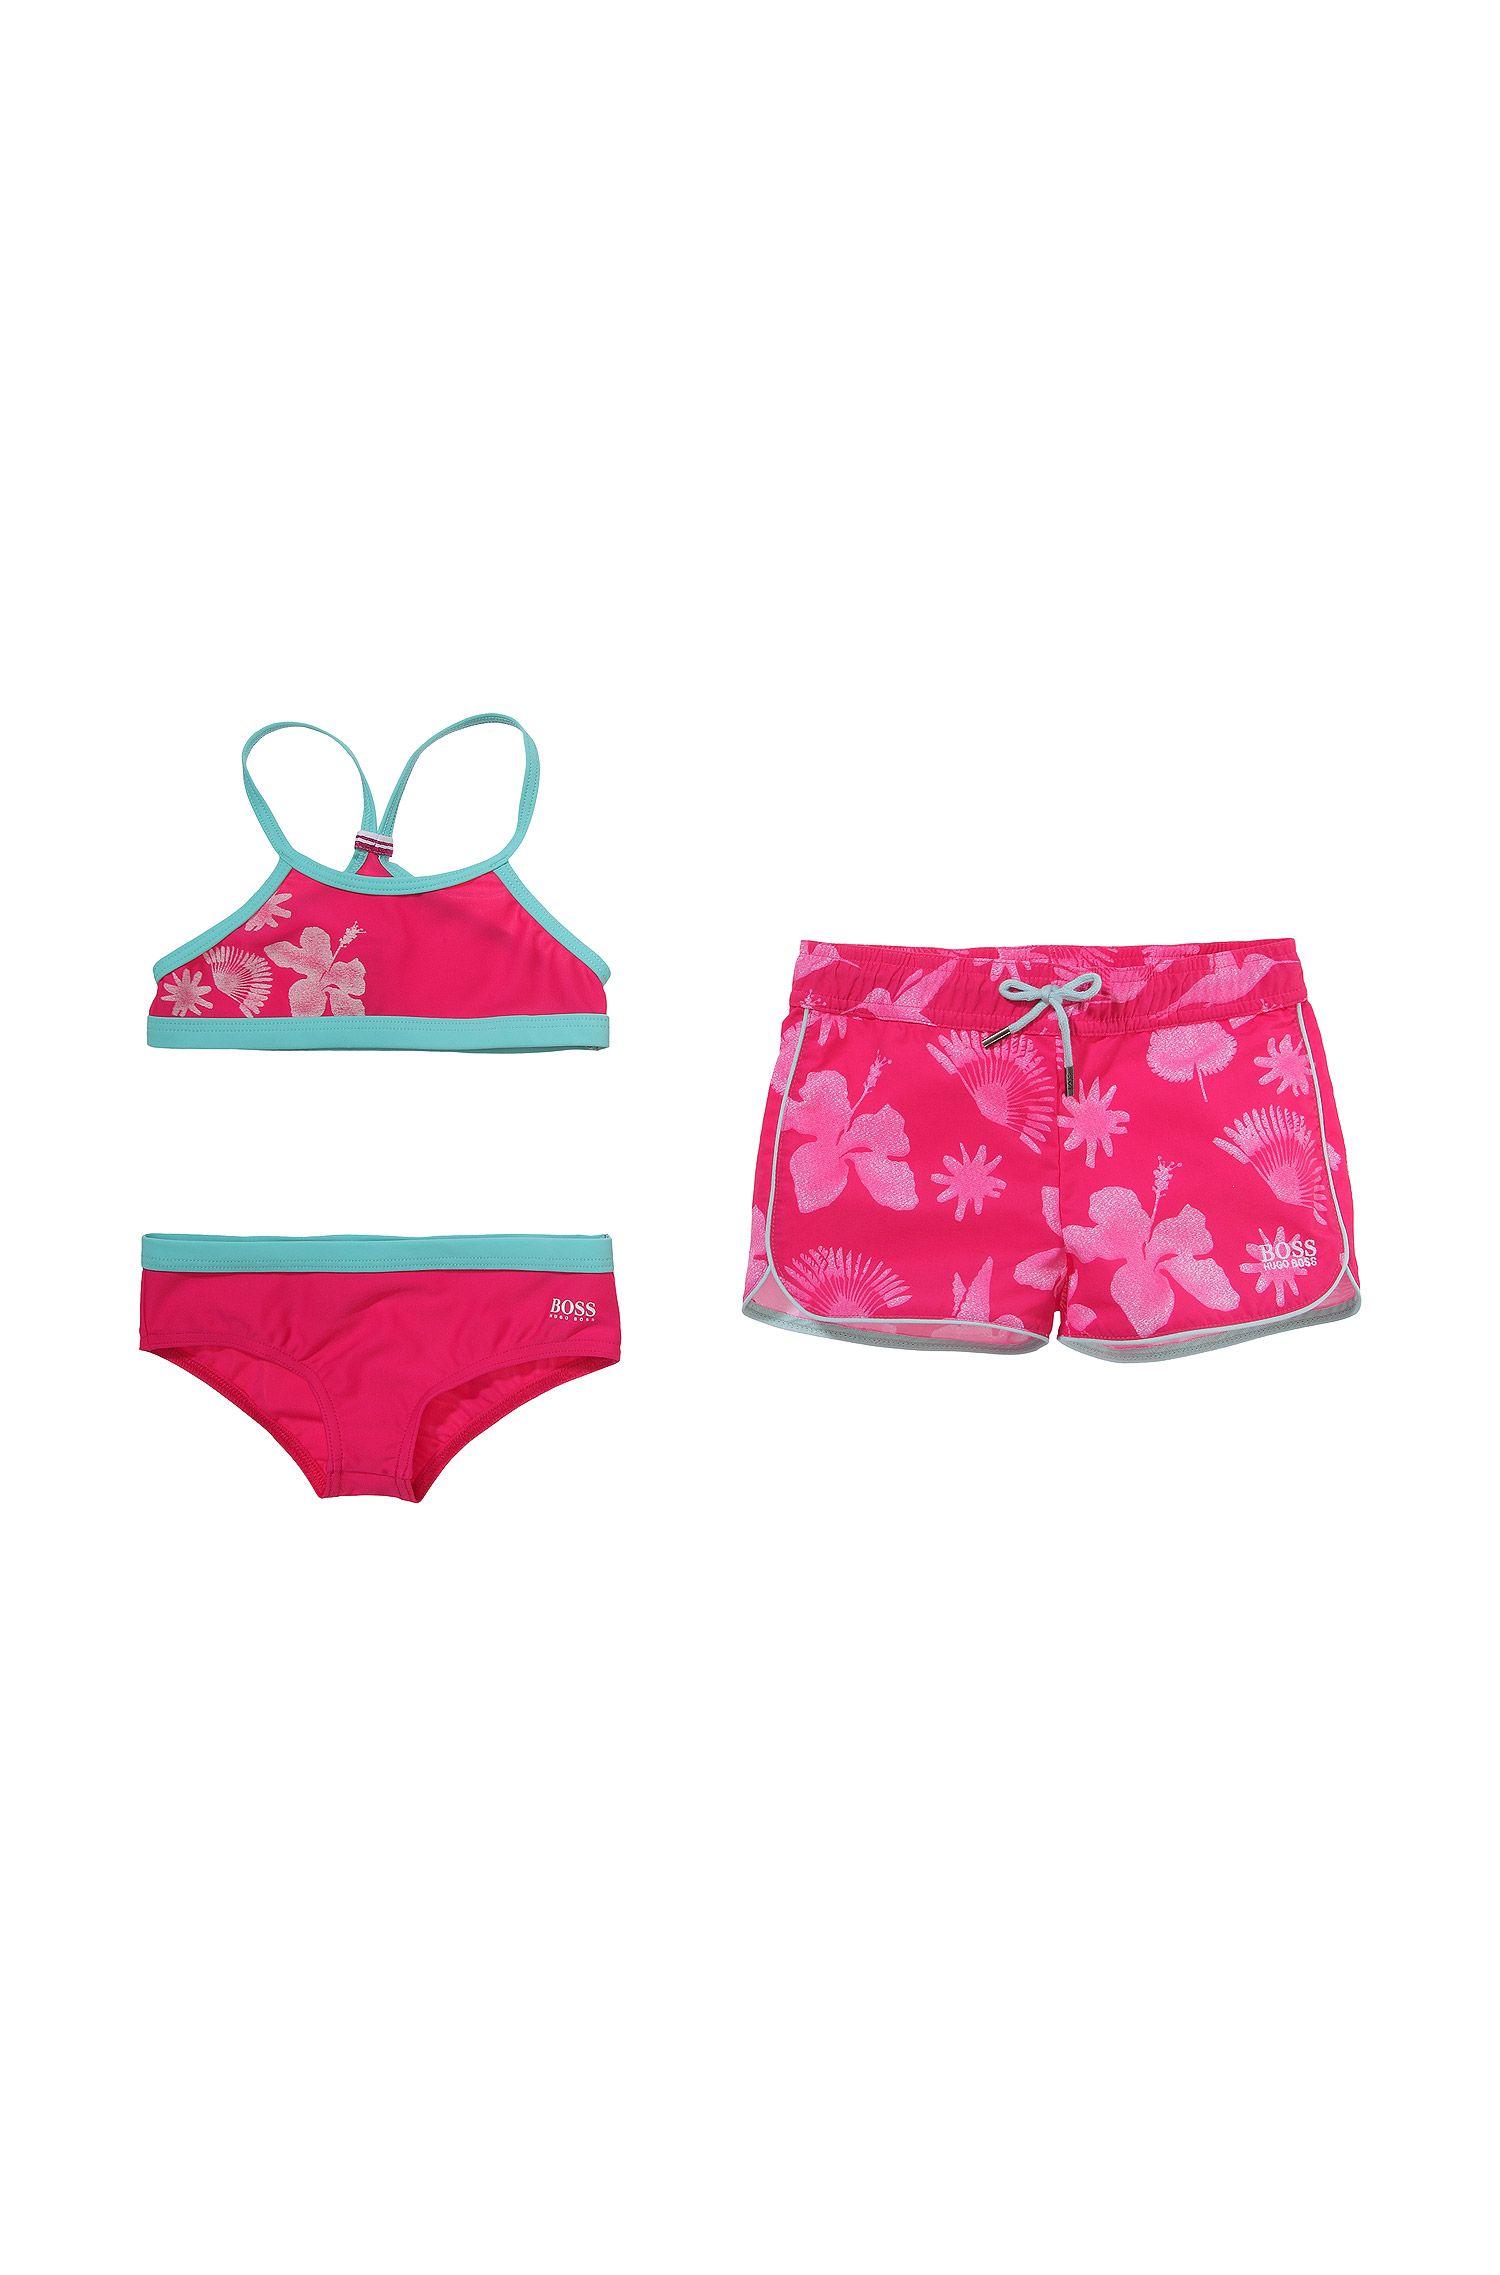 Kinderset 'J1K015' met bikini en zwemshort van lichte polyamide